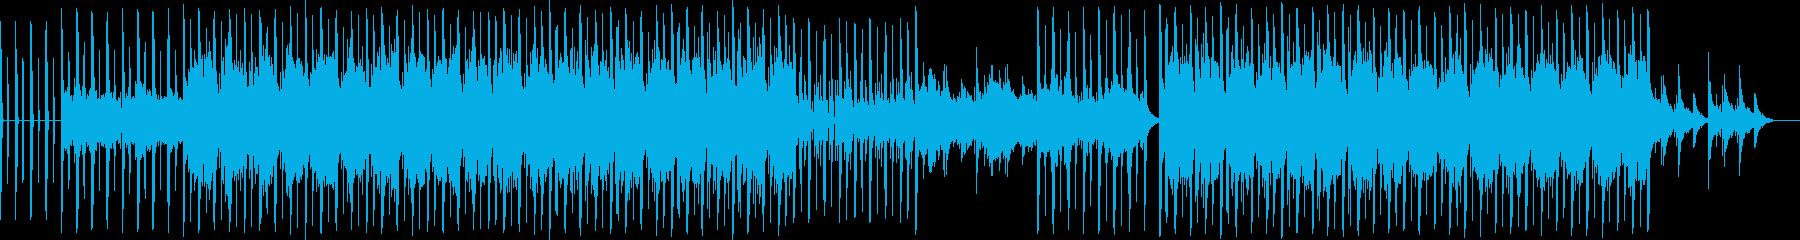 ピアノ中心のミニマムなサウンドですの再生済みの波形